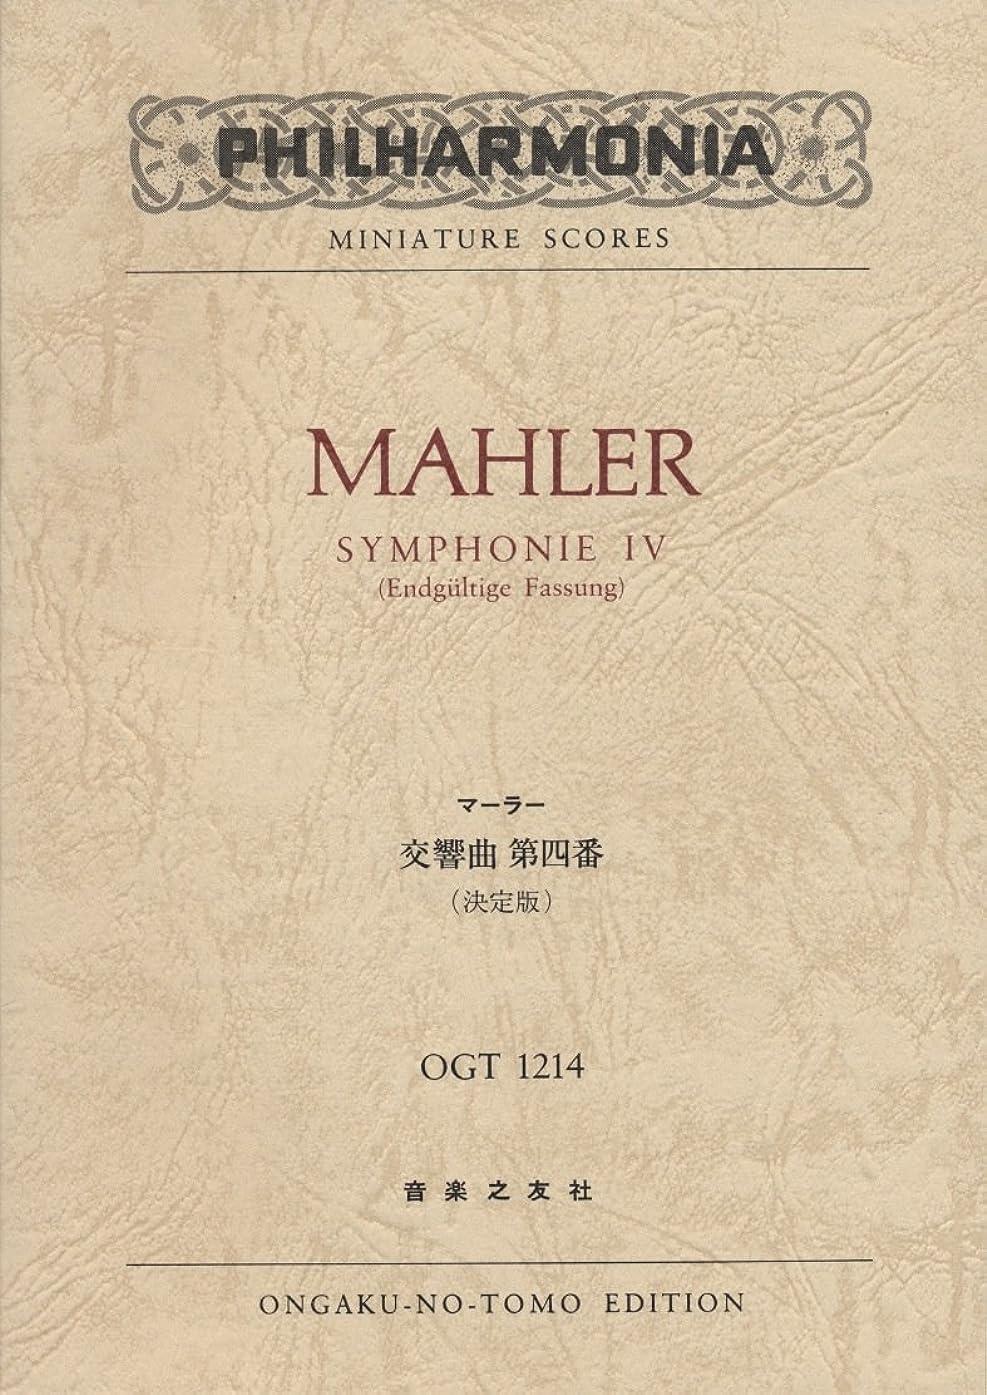 計画的手当嘆くOGT-1458 マーラー 交響曲第5番 (改訂版) (Edition Peters miniature scores)